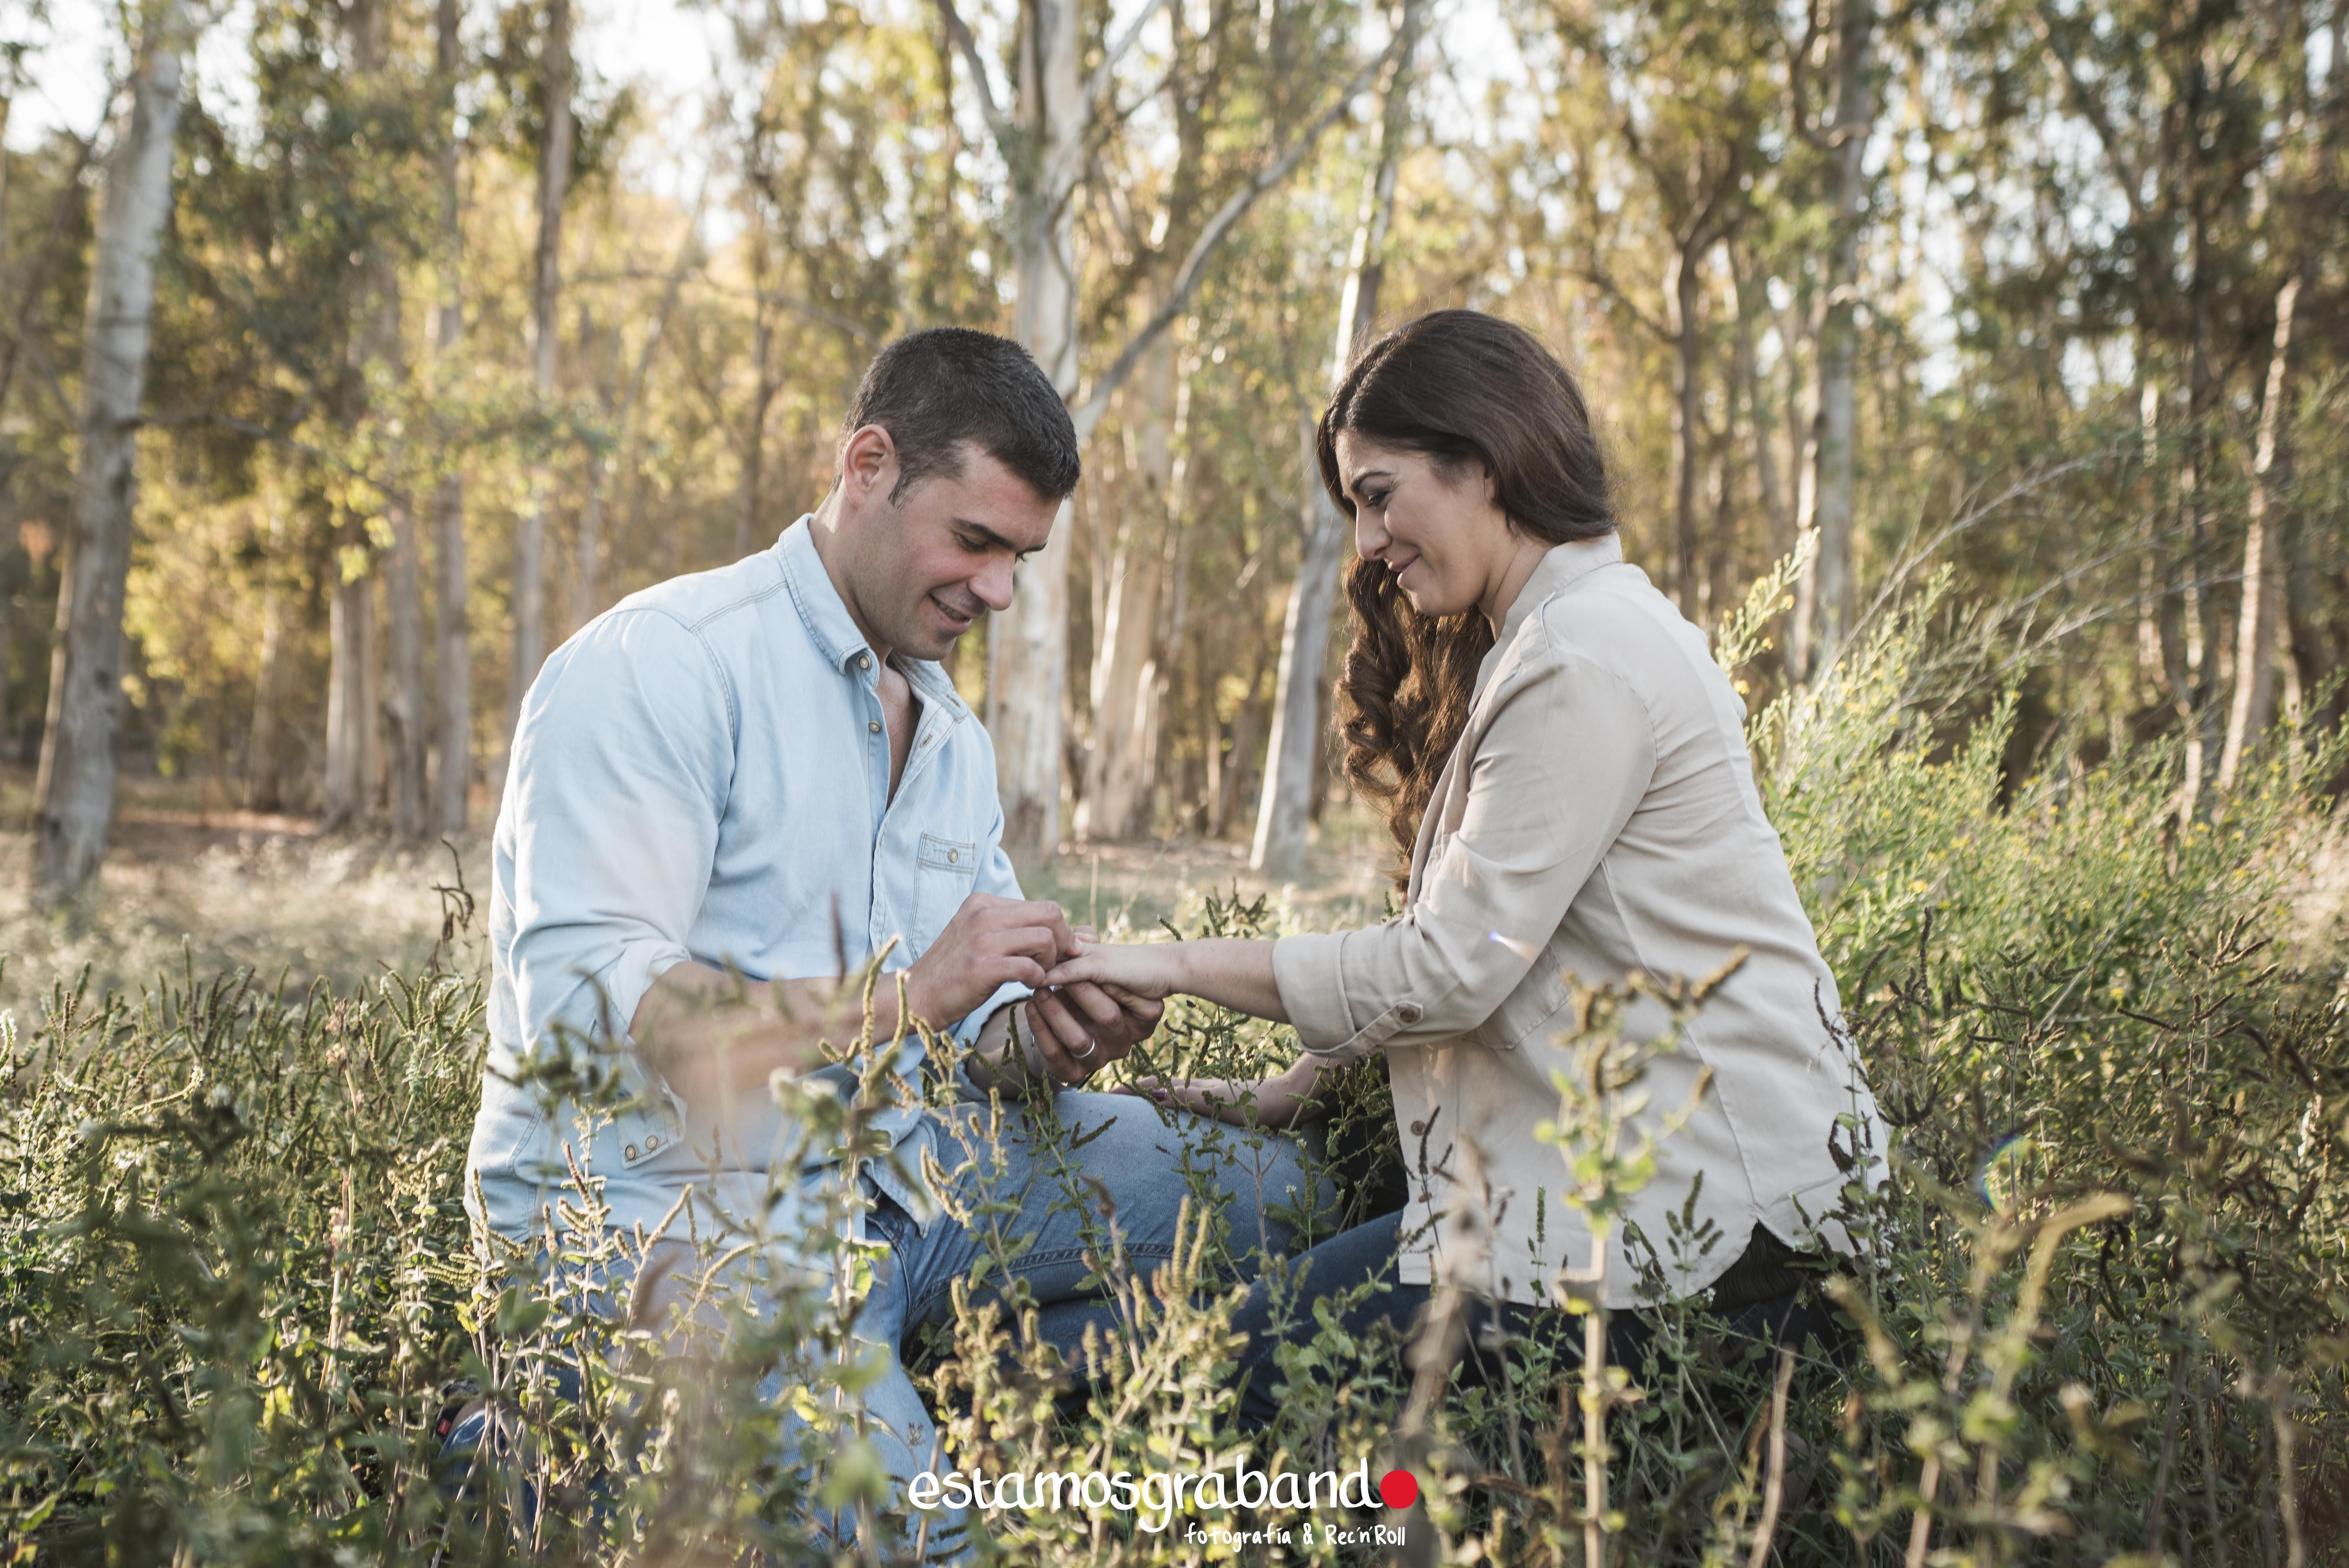 Preboda-Antonio-y-Belen-9 Preboda Antonio + Belén - video boda cadiz